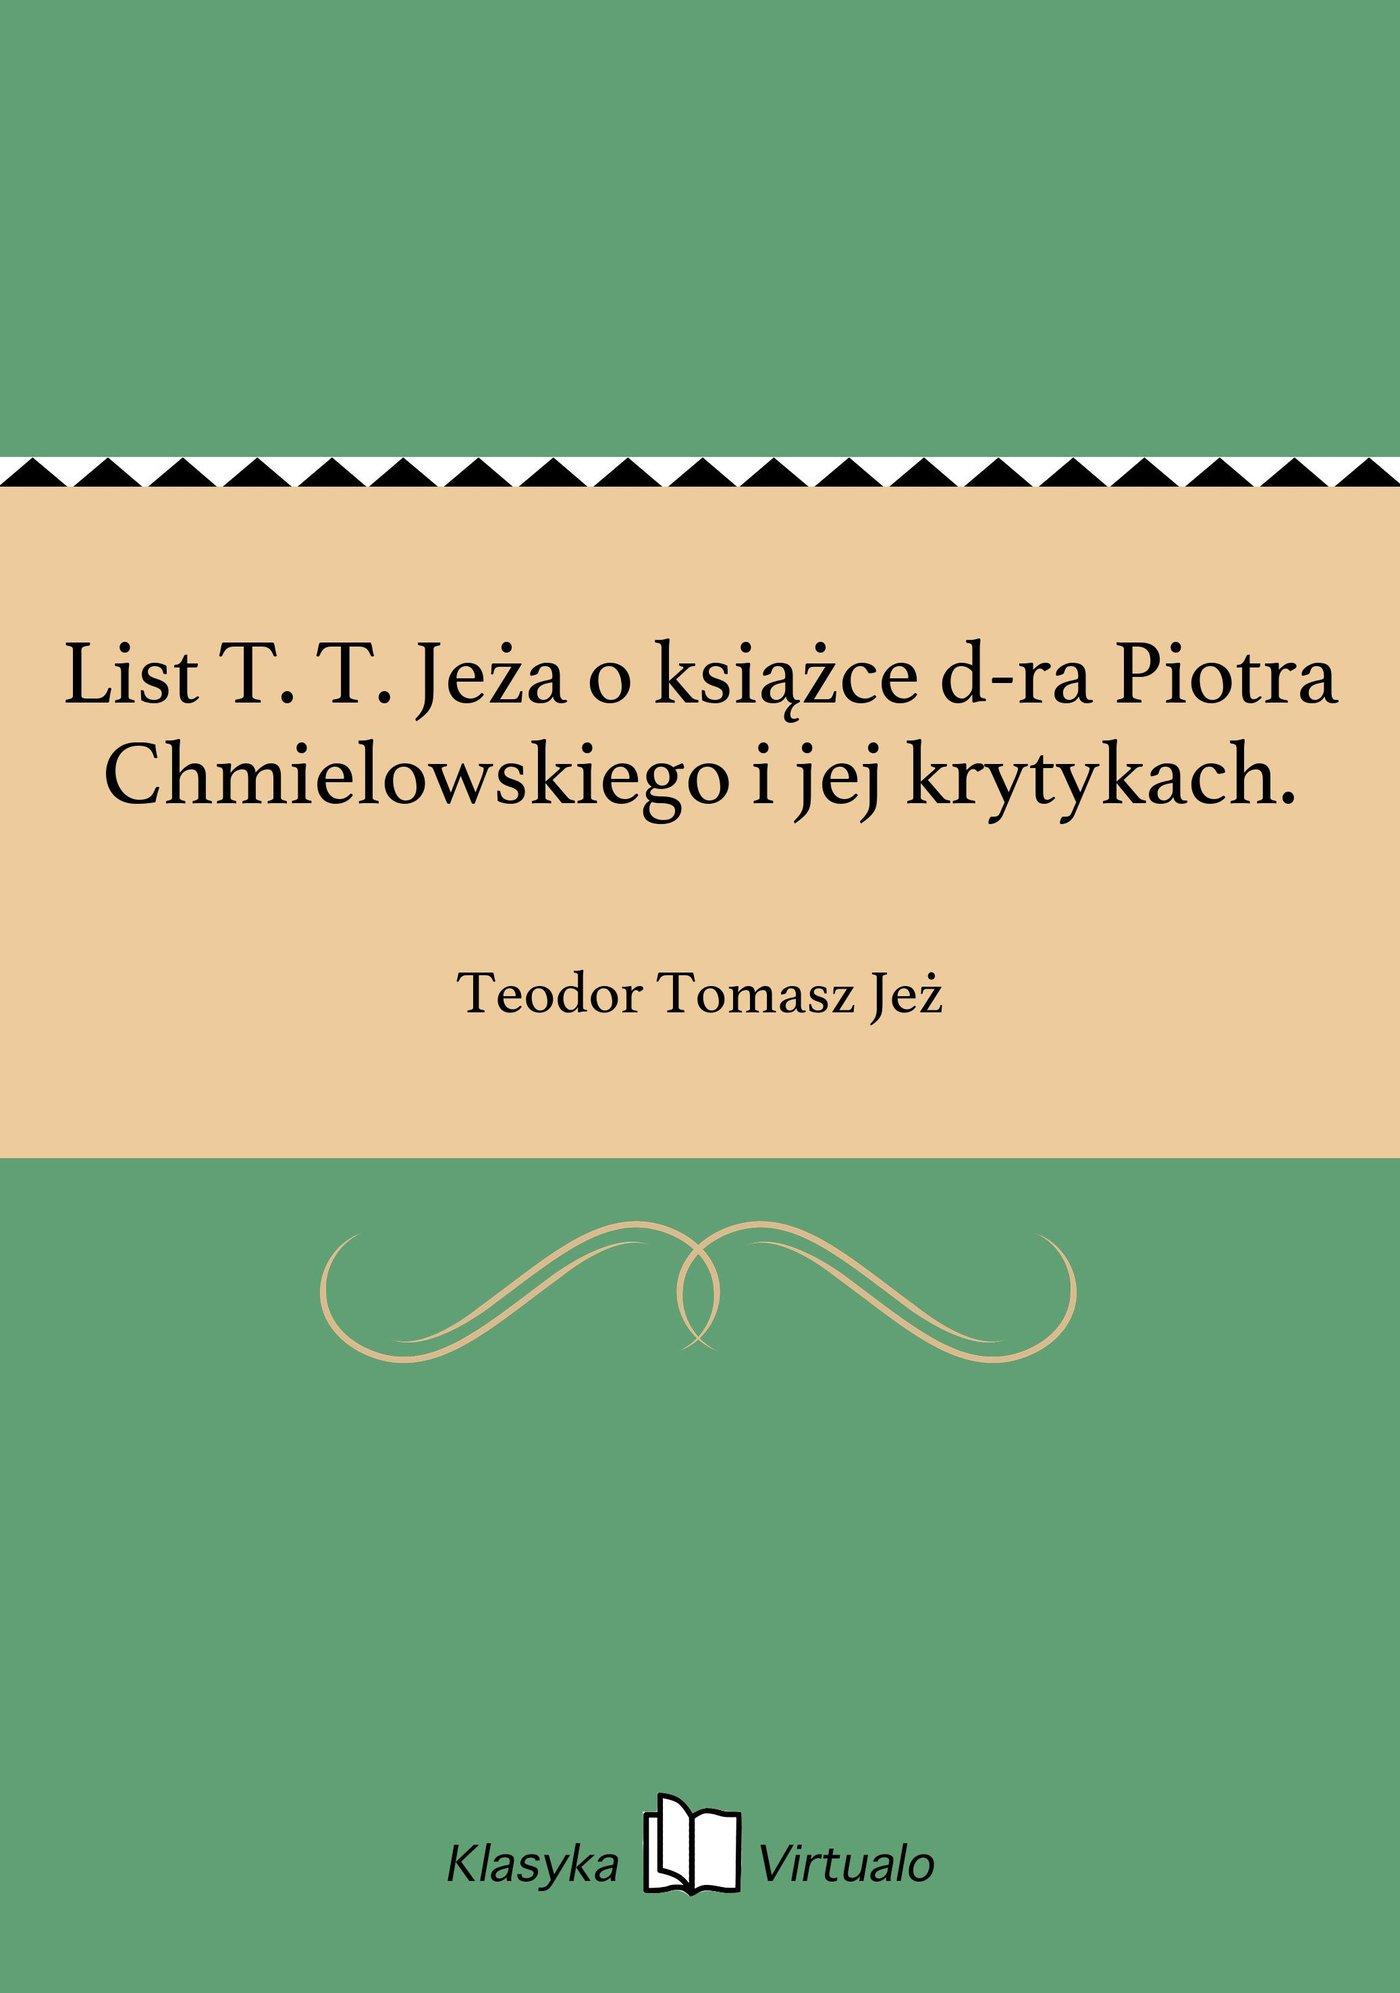 List T. T. Jeża o książce d-ra Piotra Chmielowskiego i jej krytykach. - Ebook (Książka EPUB) do pobrania w formacie EPUB